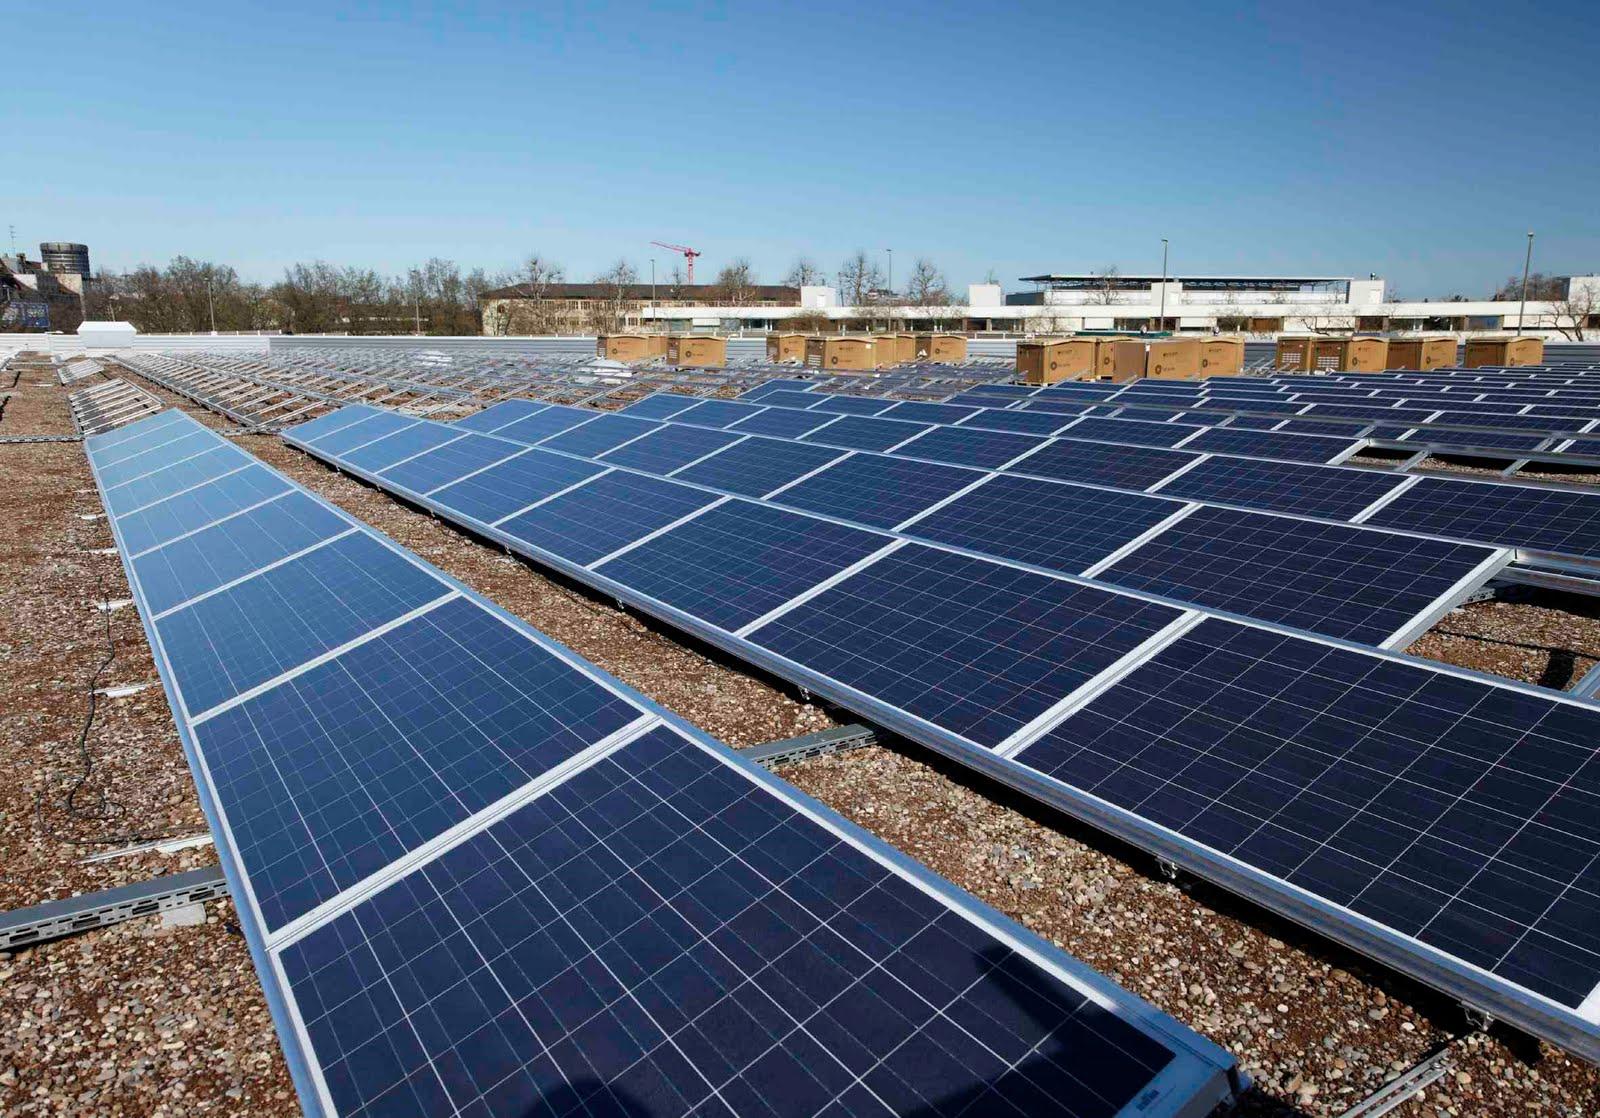 biete dach für photovoltaikanlage